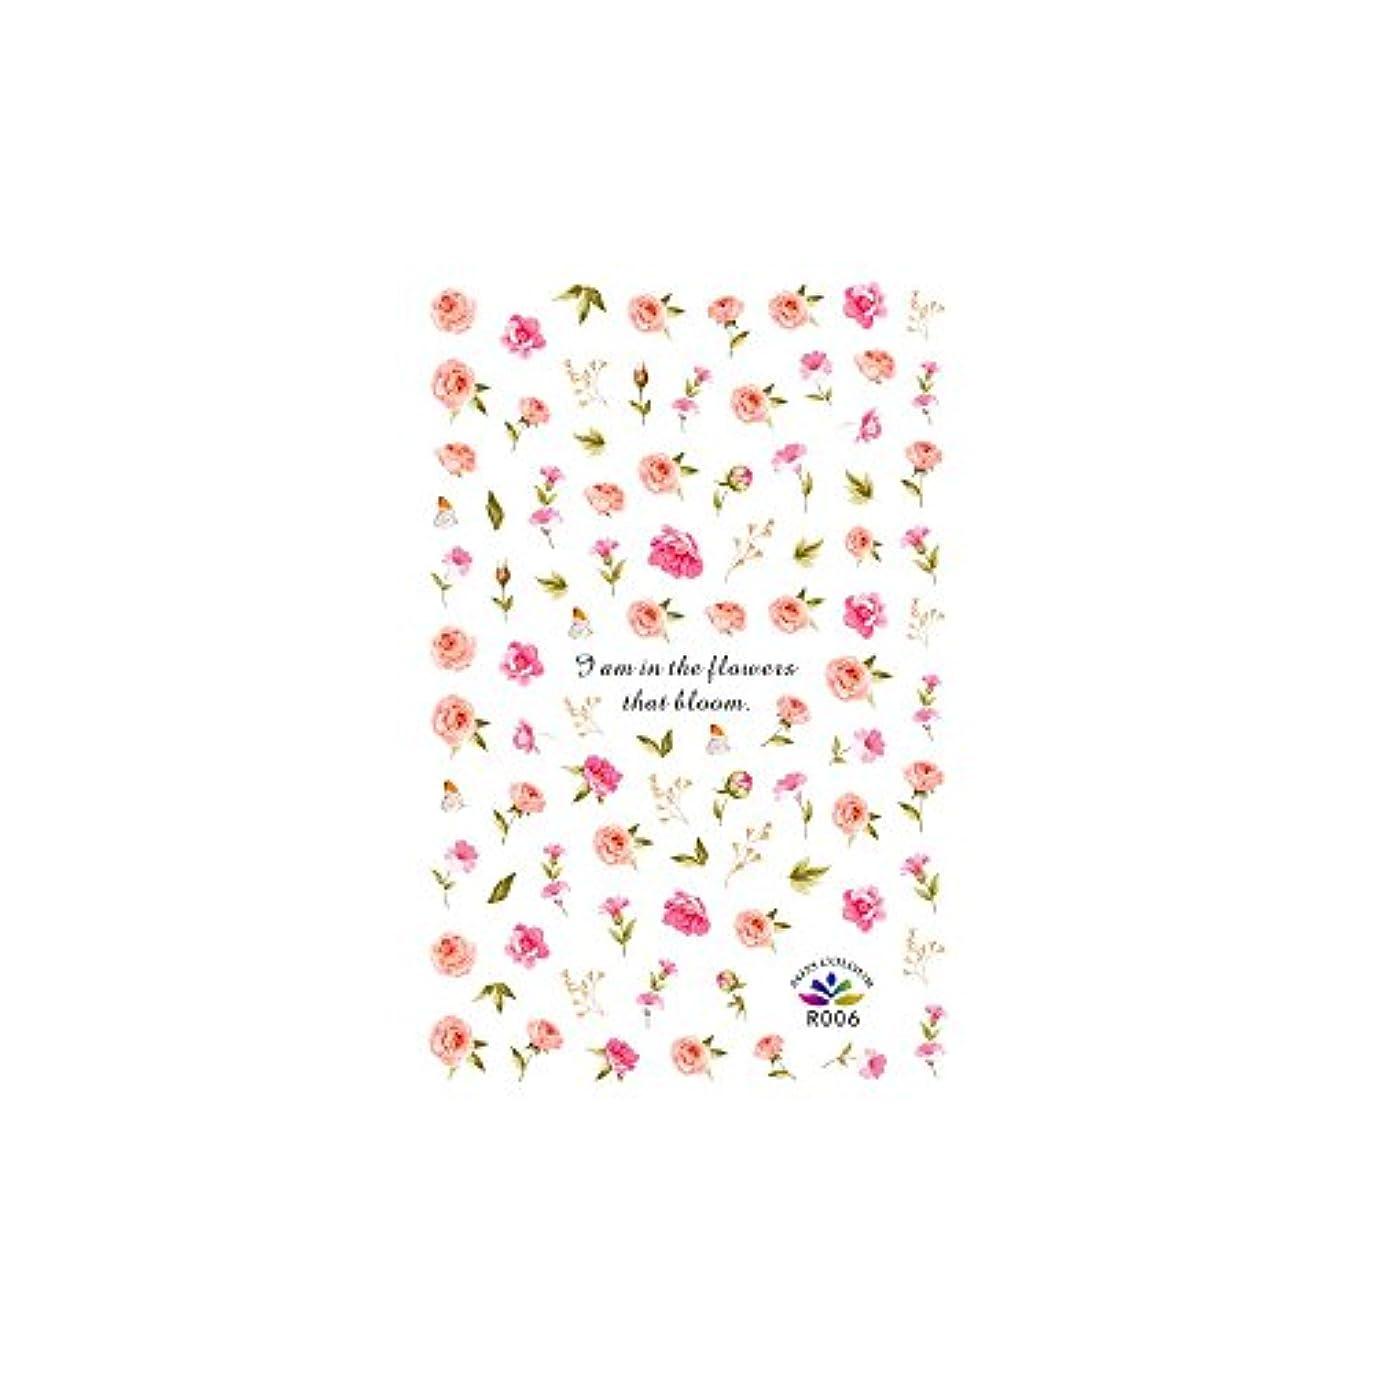 気難しい間違いなく暗記するネイルシール アンティークローズシール ジェルネイル ネイルアート 花柄 花びら フラワーネイル 薔薇 セルフネイル